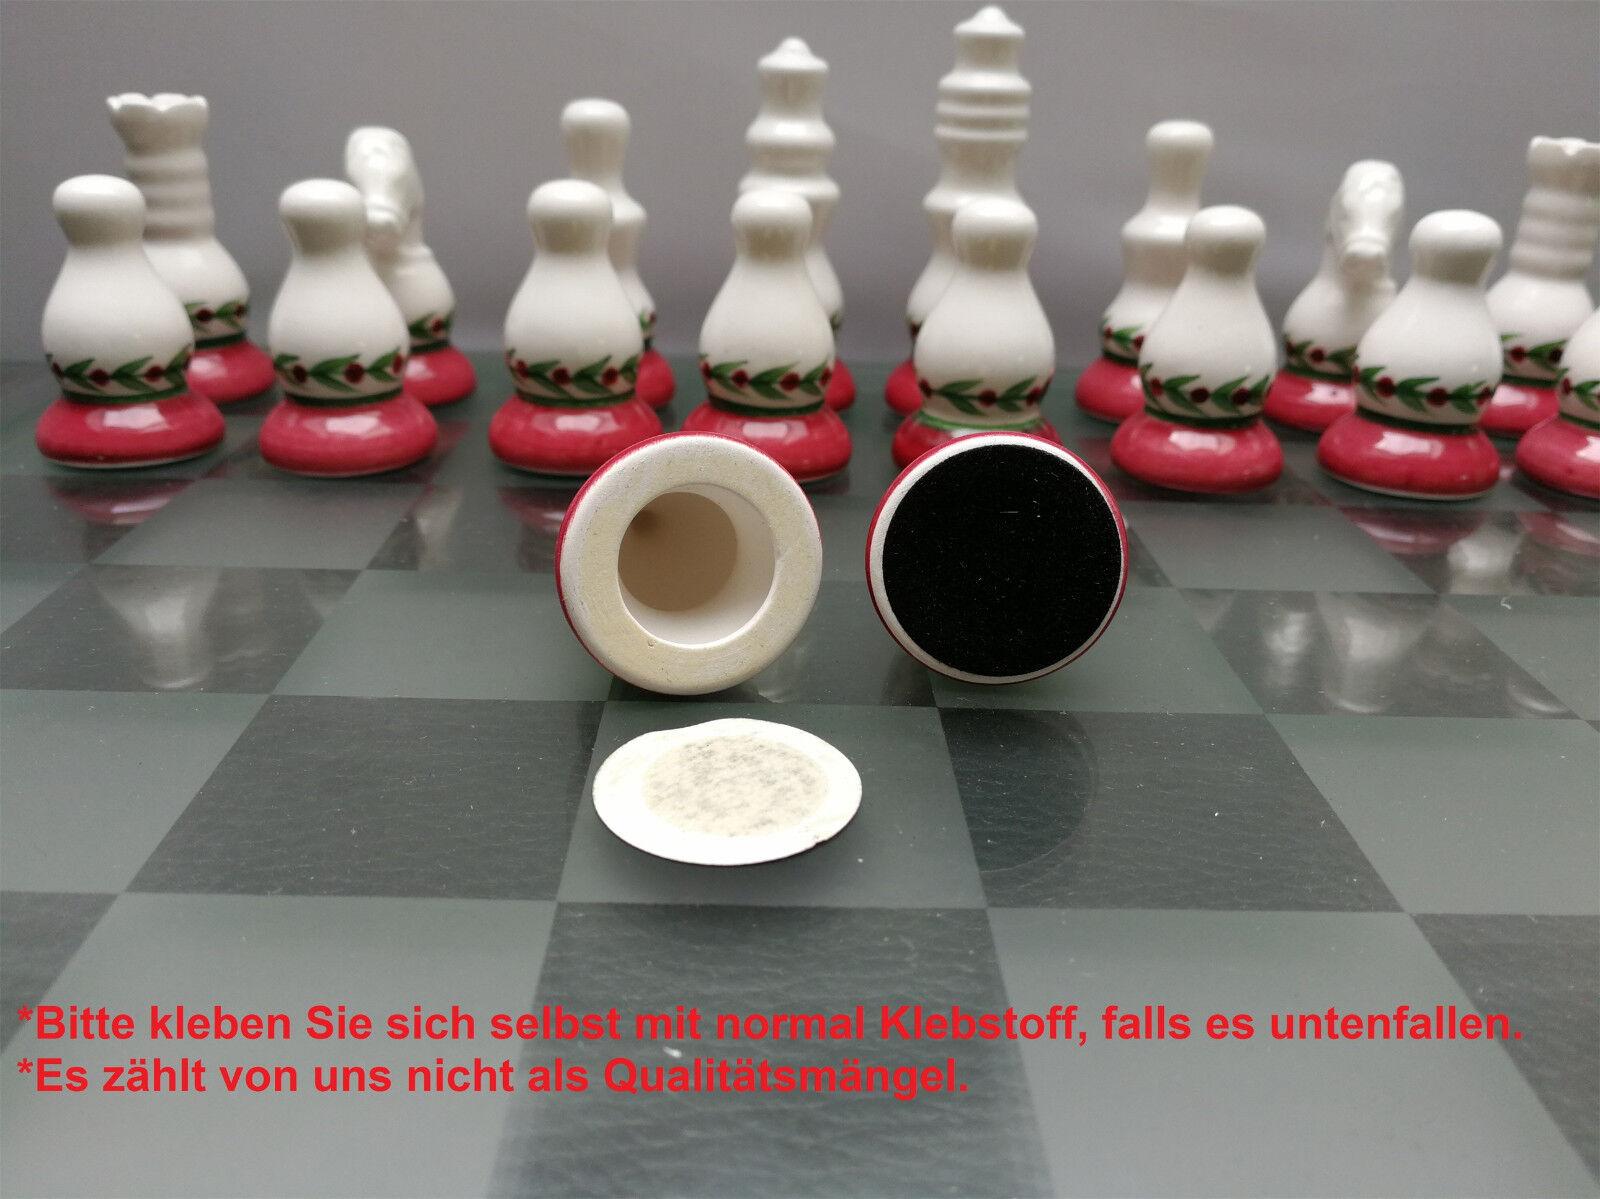 5 X Jeu d'échecs en en en céramique et verre, échec Conseil figurines 35 x 35 cm 3164ff